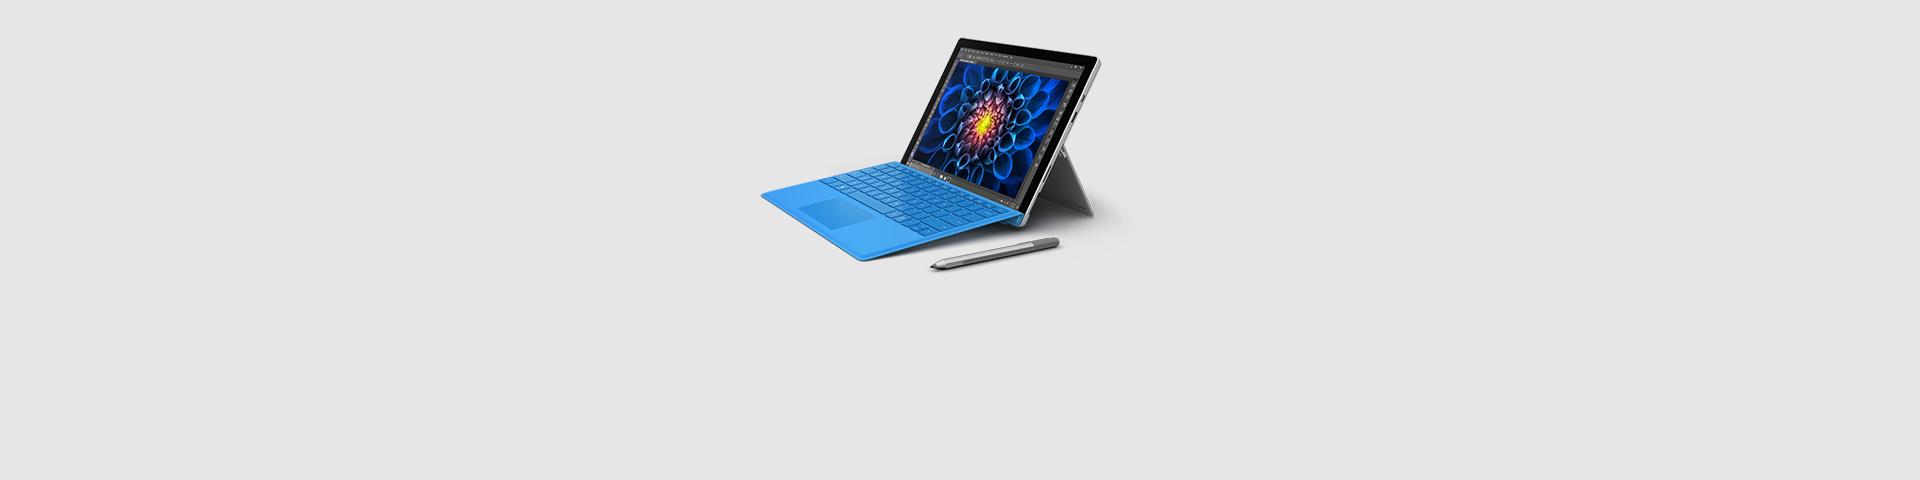 Surface Pro 4 -laite